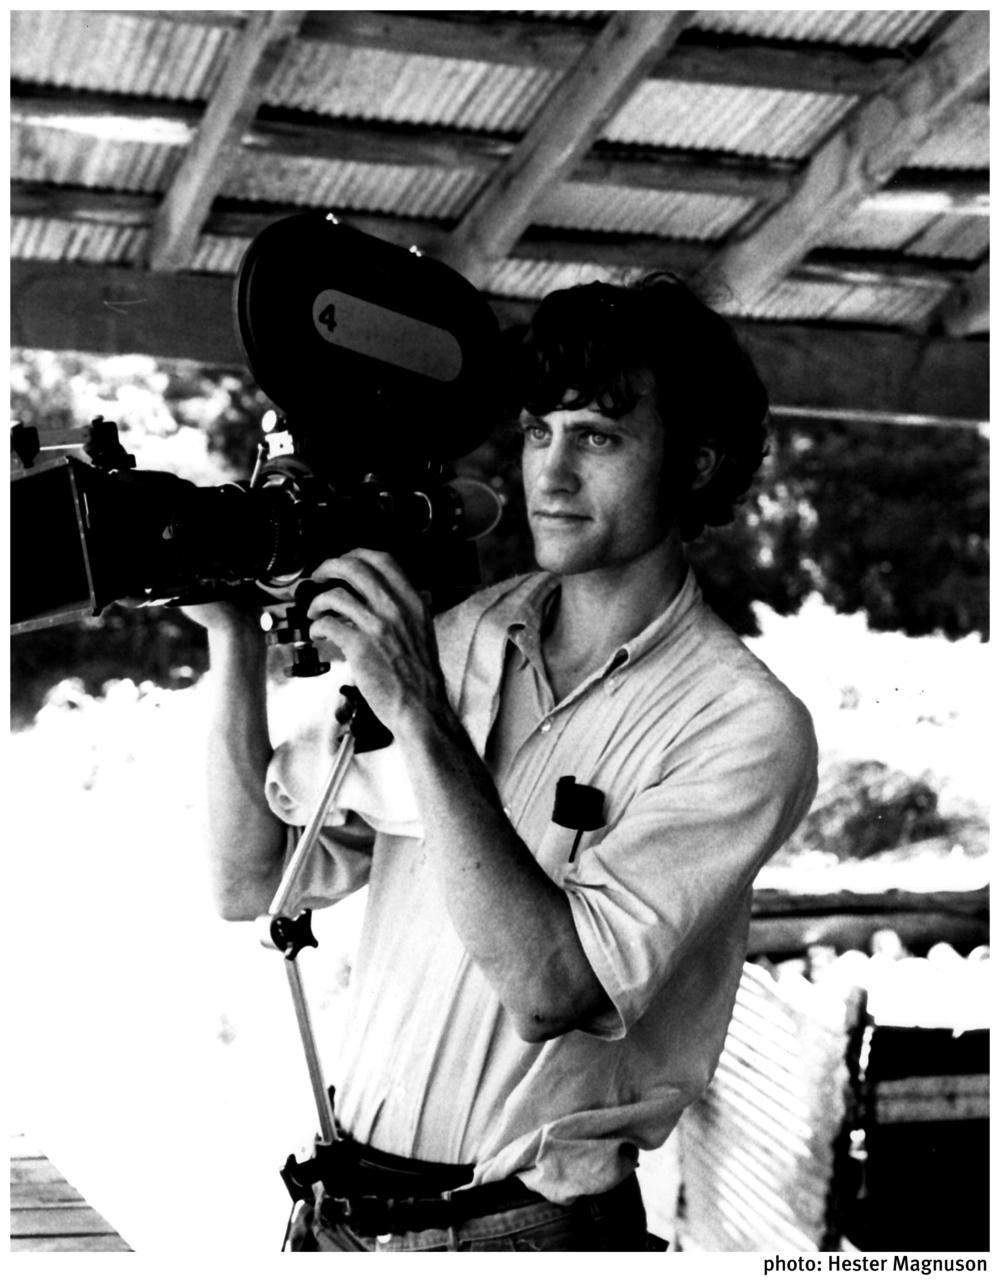 Bill Ferris, 1970s